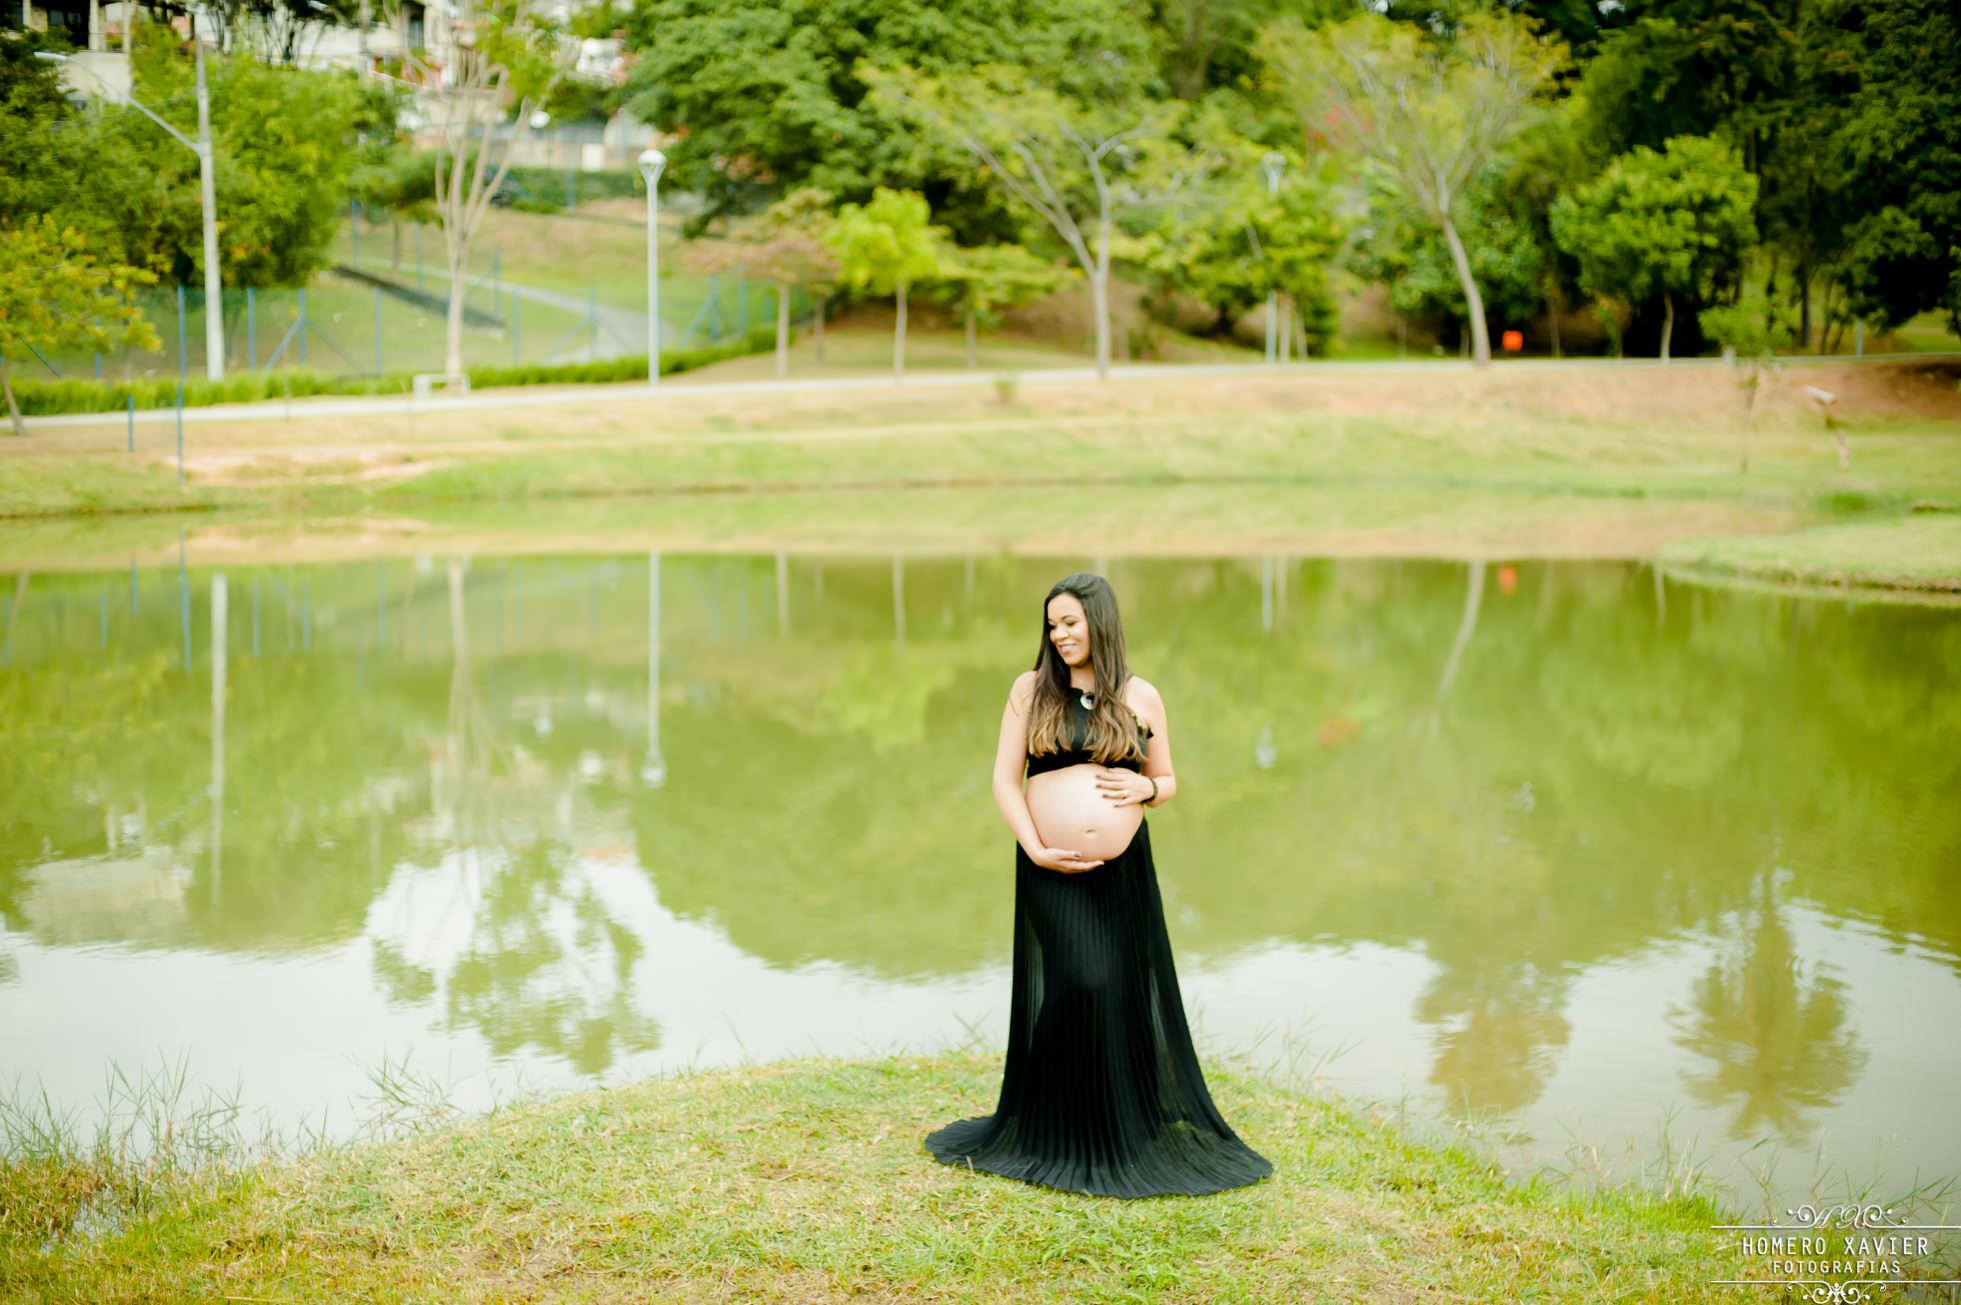 fotografia gestante em parque em BH